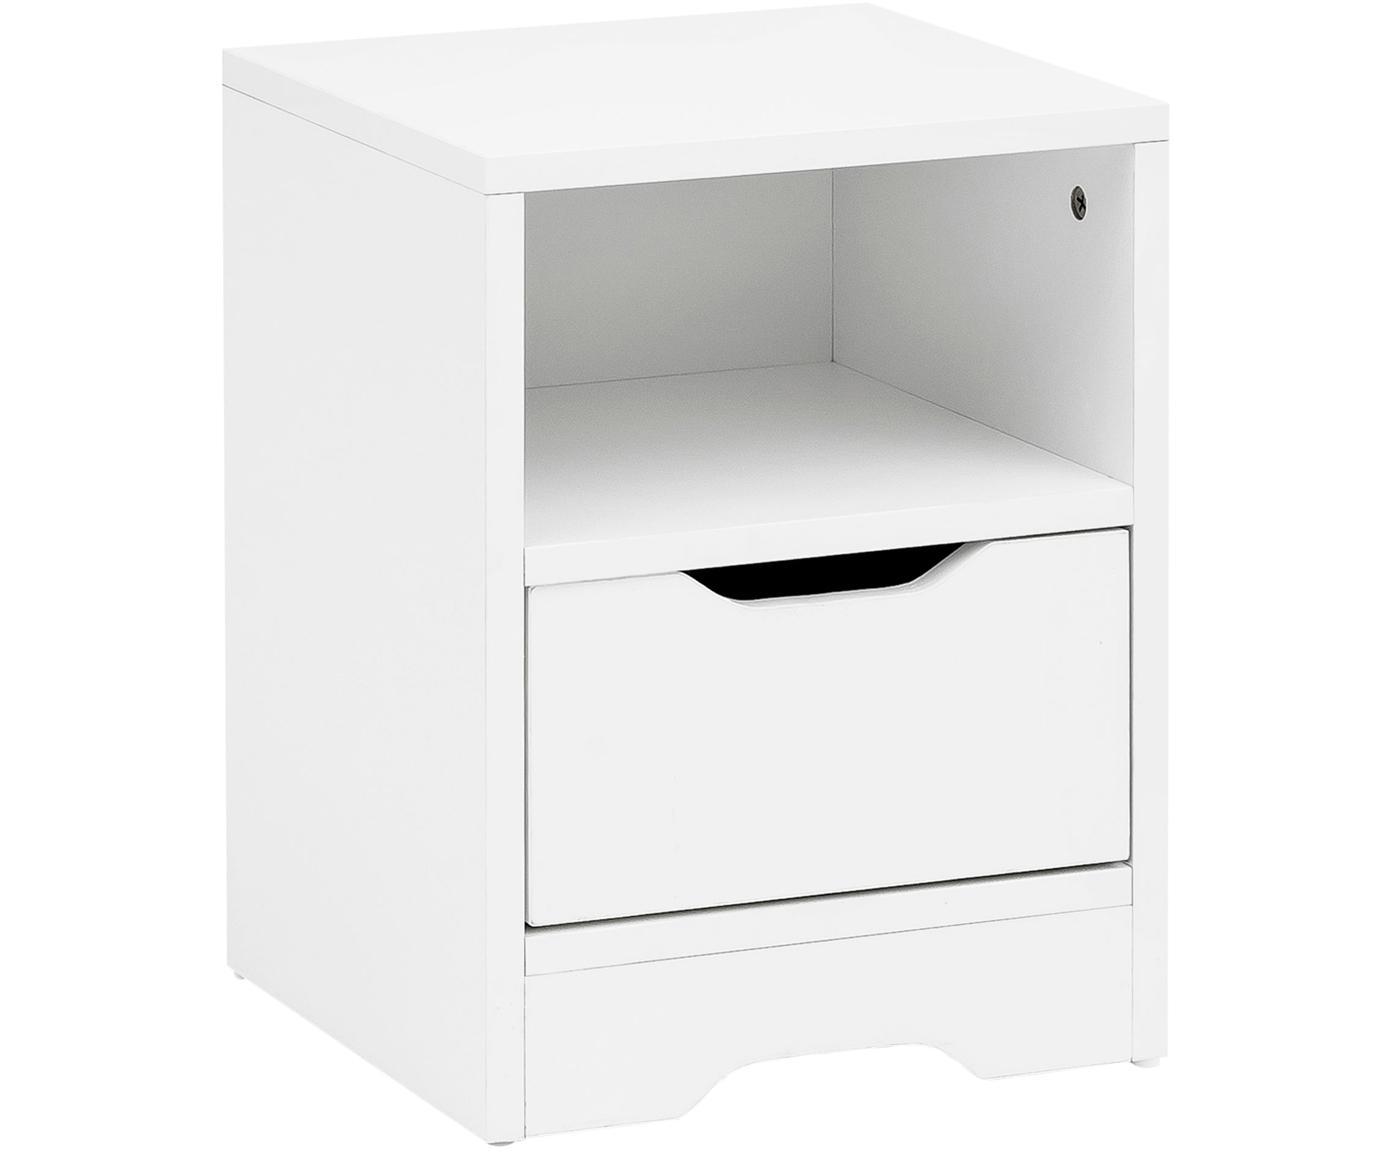 Nachttisch Wohnling mit Schublade, Spanplatte, furniert, melaminbeschichtet, Weiß, 31 x 43 cm